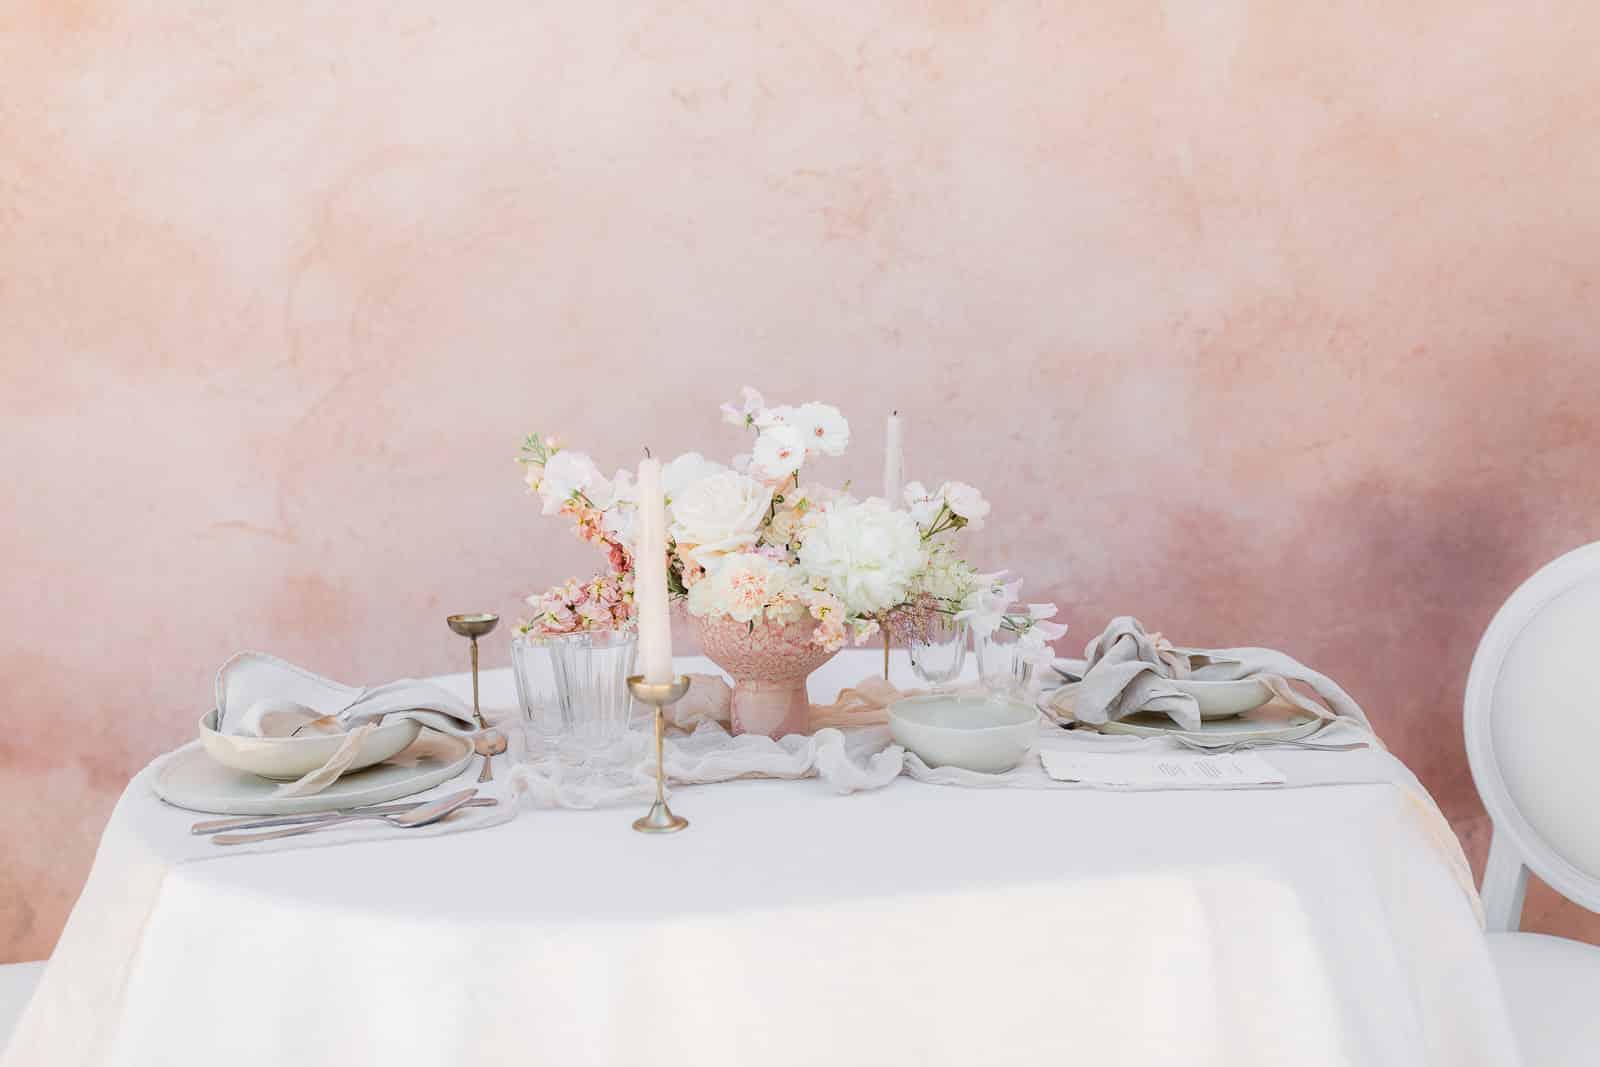 Photographie de Mathieu Dété présentant la table du mariage et le bouquet